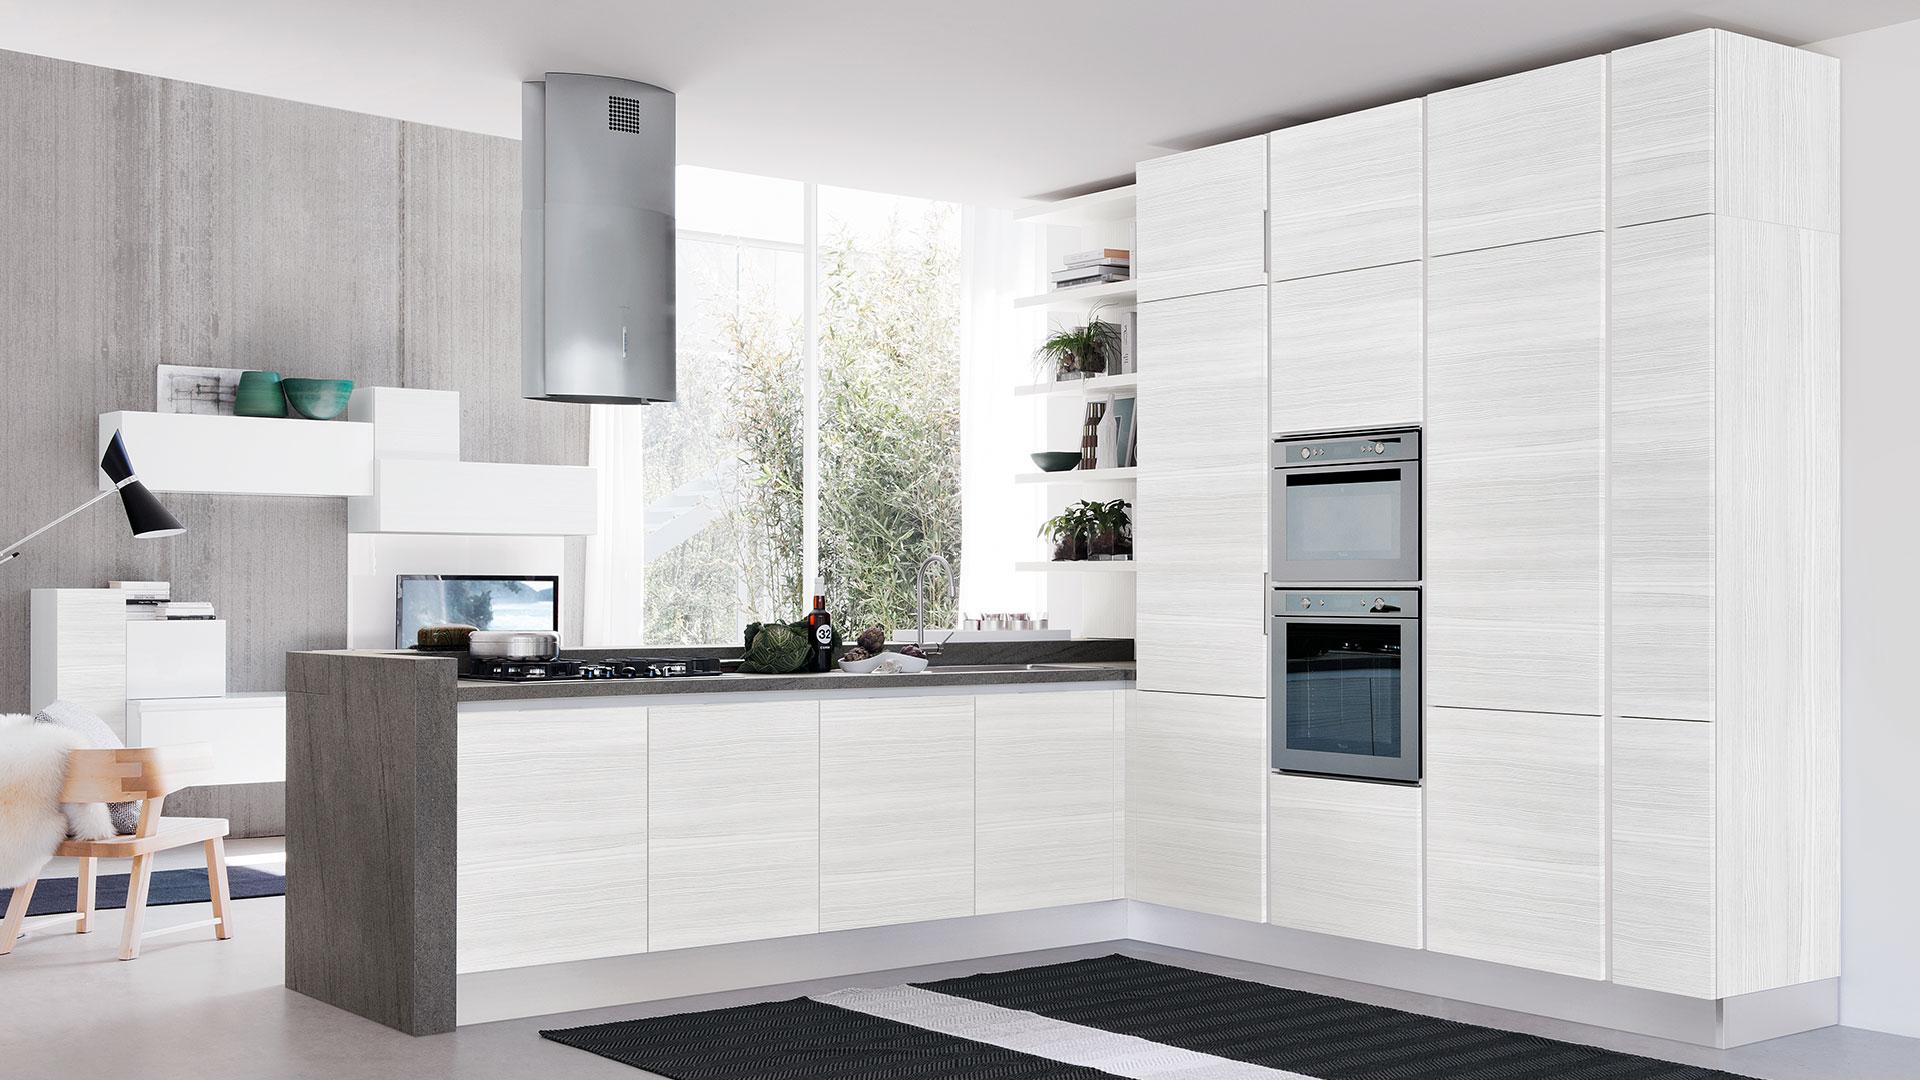 Cucina Moderna Lube Essenza - Arredamenti Lupo